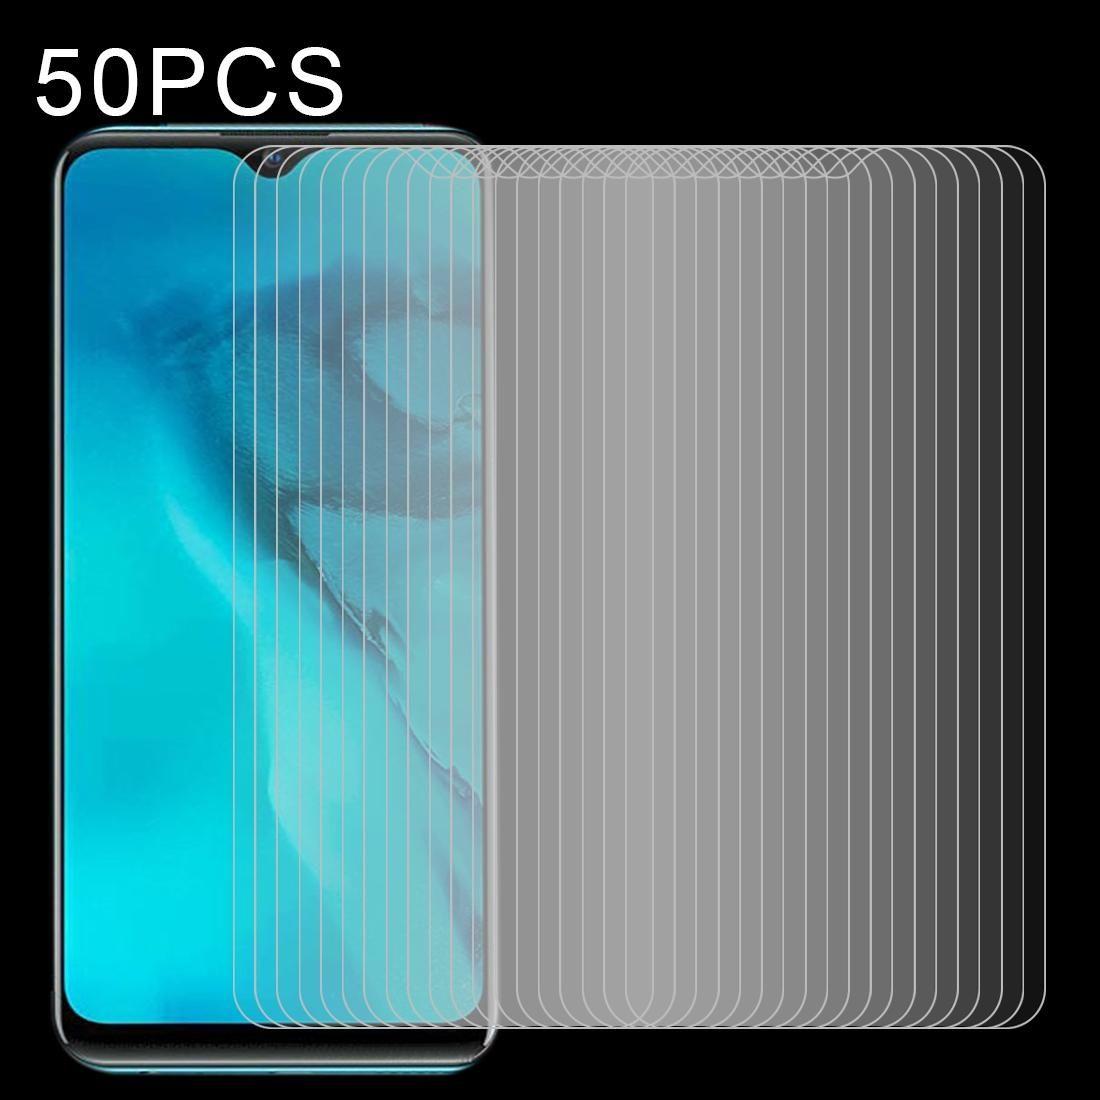 9H superfície Dureza 2.5D à prova de explosão 50 PCS 0,26 mm de vidro temperado Não completa Tela Film Para Vivo Y11